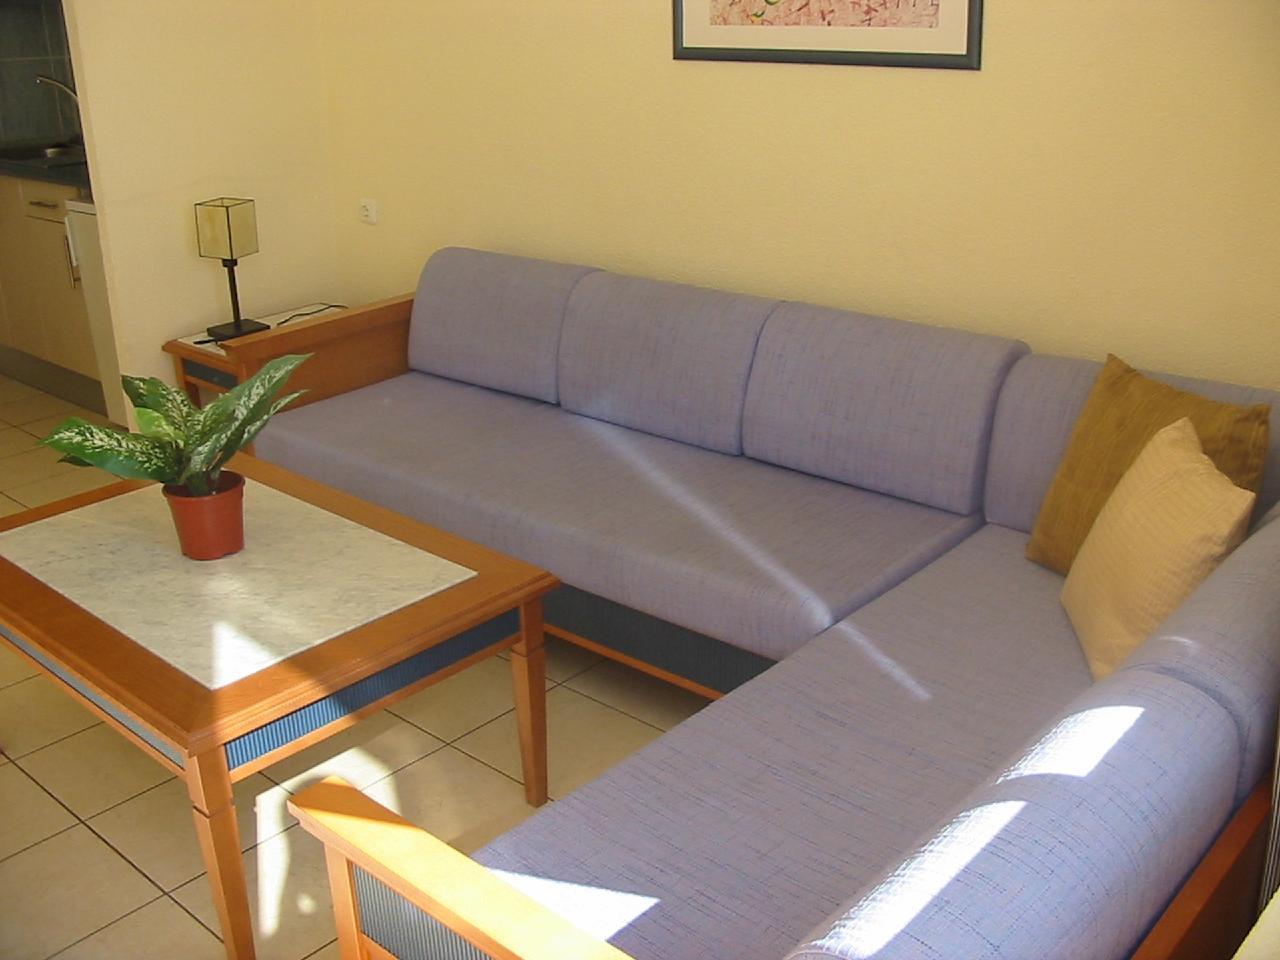 Ferienwohnung Apartment 2 / 4p am Strand und mit allen Dienstleistungen, mit Meerblick, Swimmingpools, a (487787), Morro Jable, Fuerteventura, Kanarische Inseln, Spanien, Bild 5